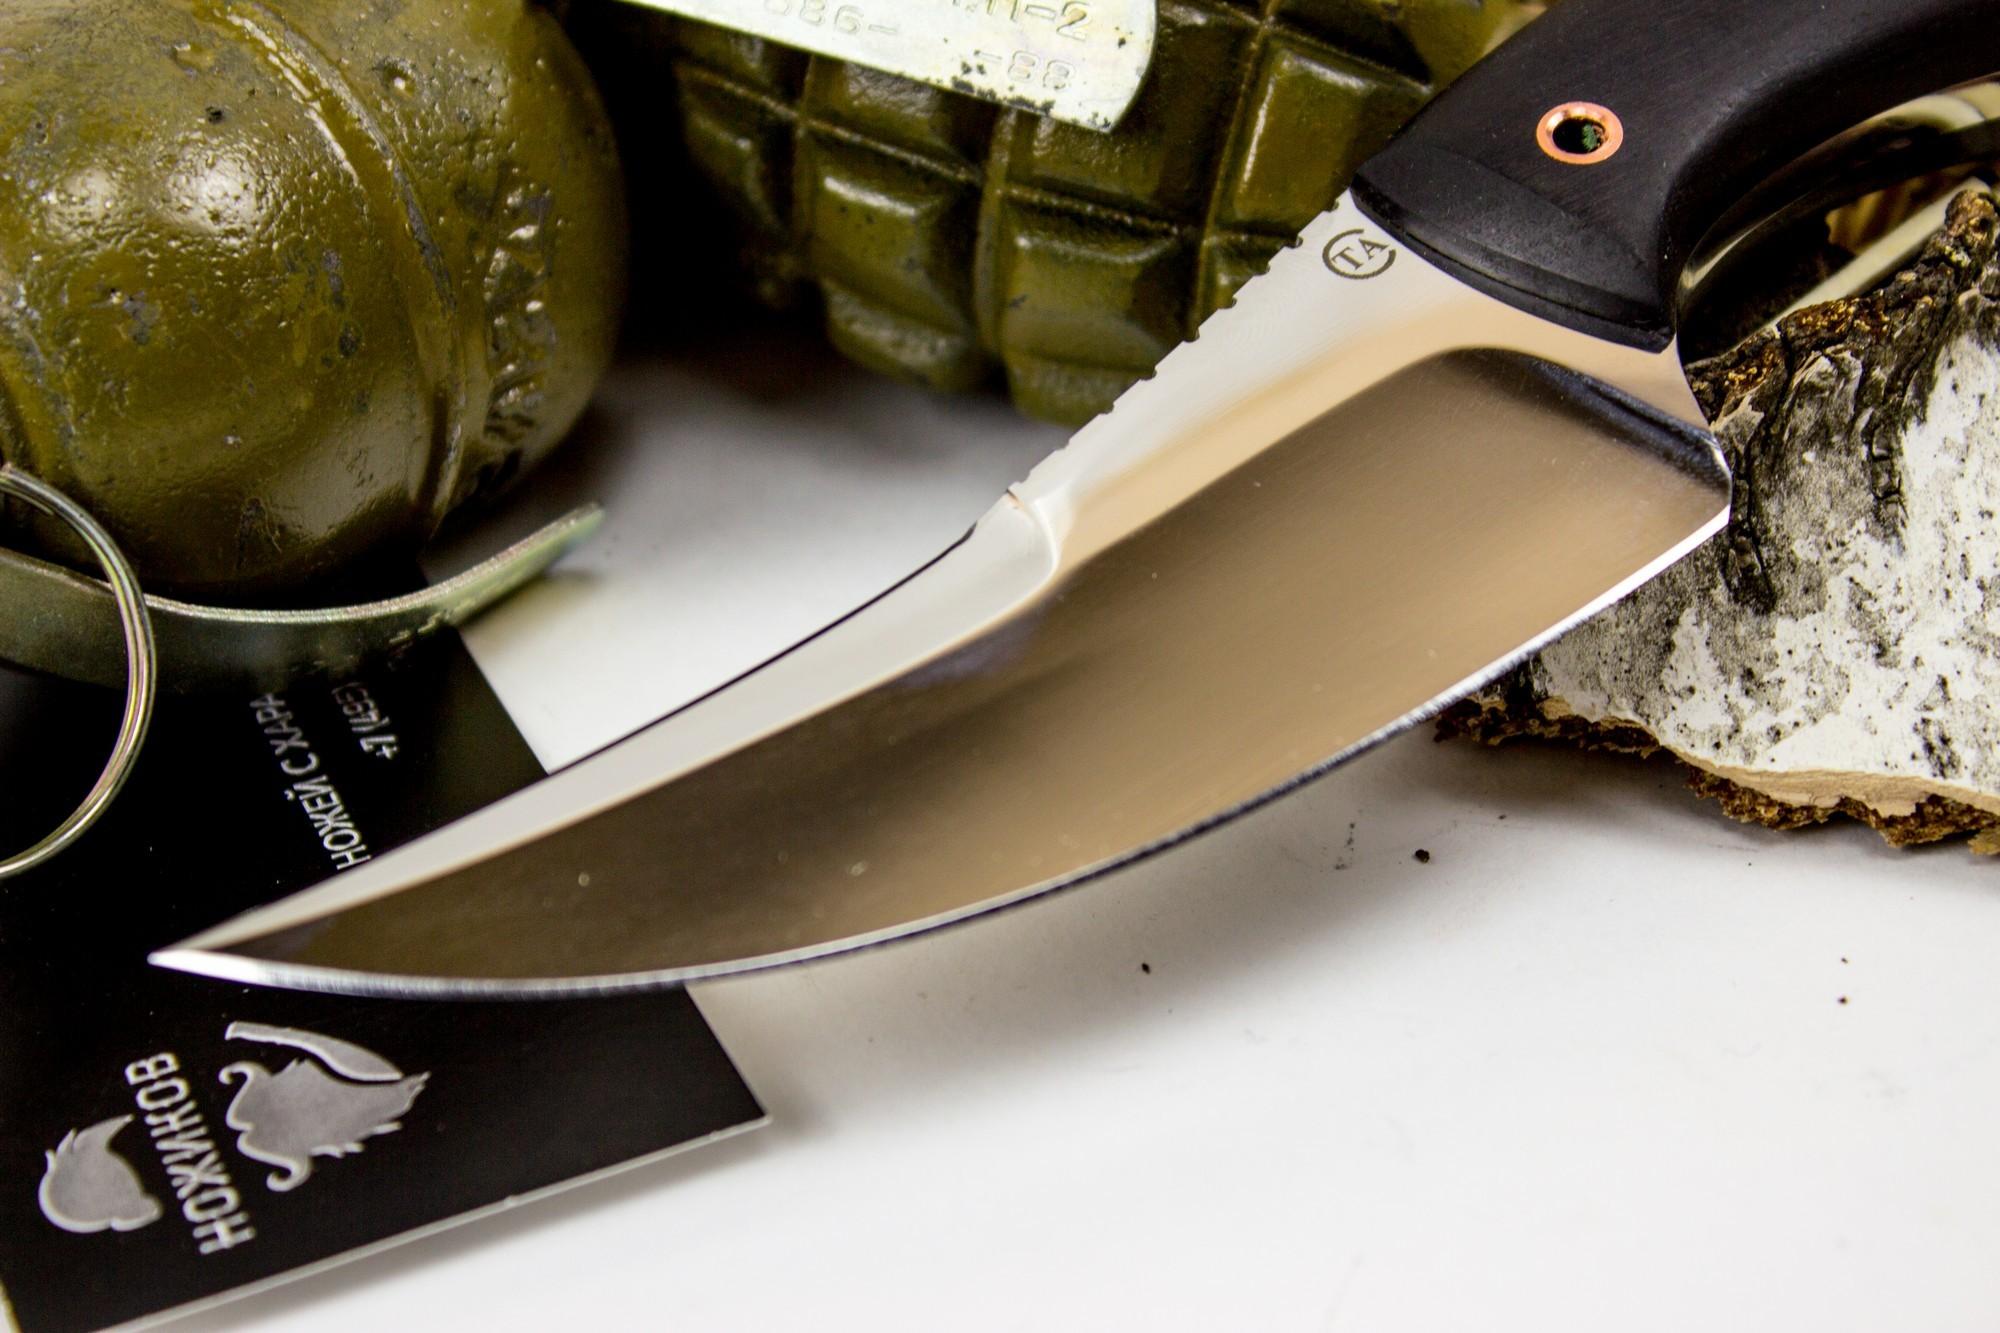 Фото 3 - Нож Клык-1, сталь 95х18, дерево от Титов и Солдатова